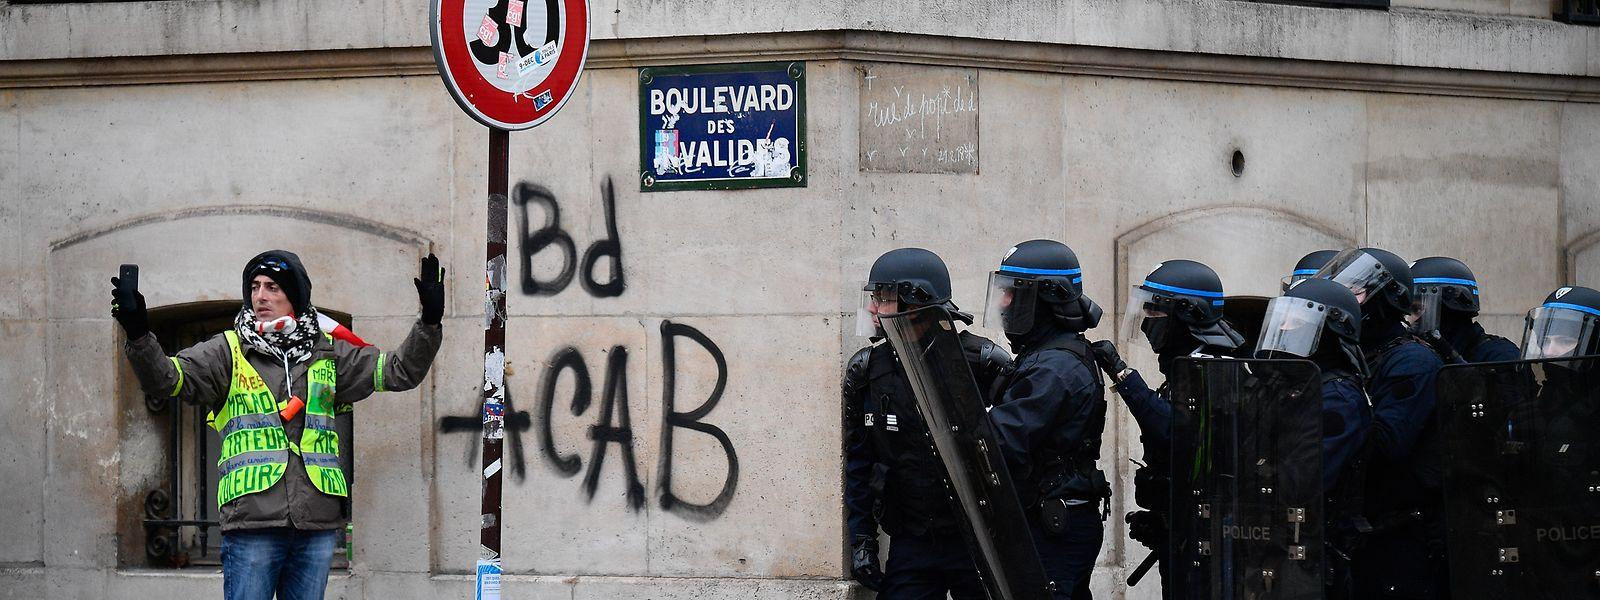 Immer wieder kommt es bei Demonstrationen der Gelbwesten zu Zusammenstößen mit Sicherheitskräften.